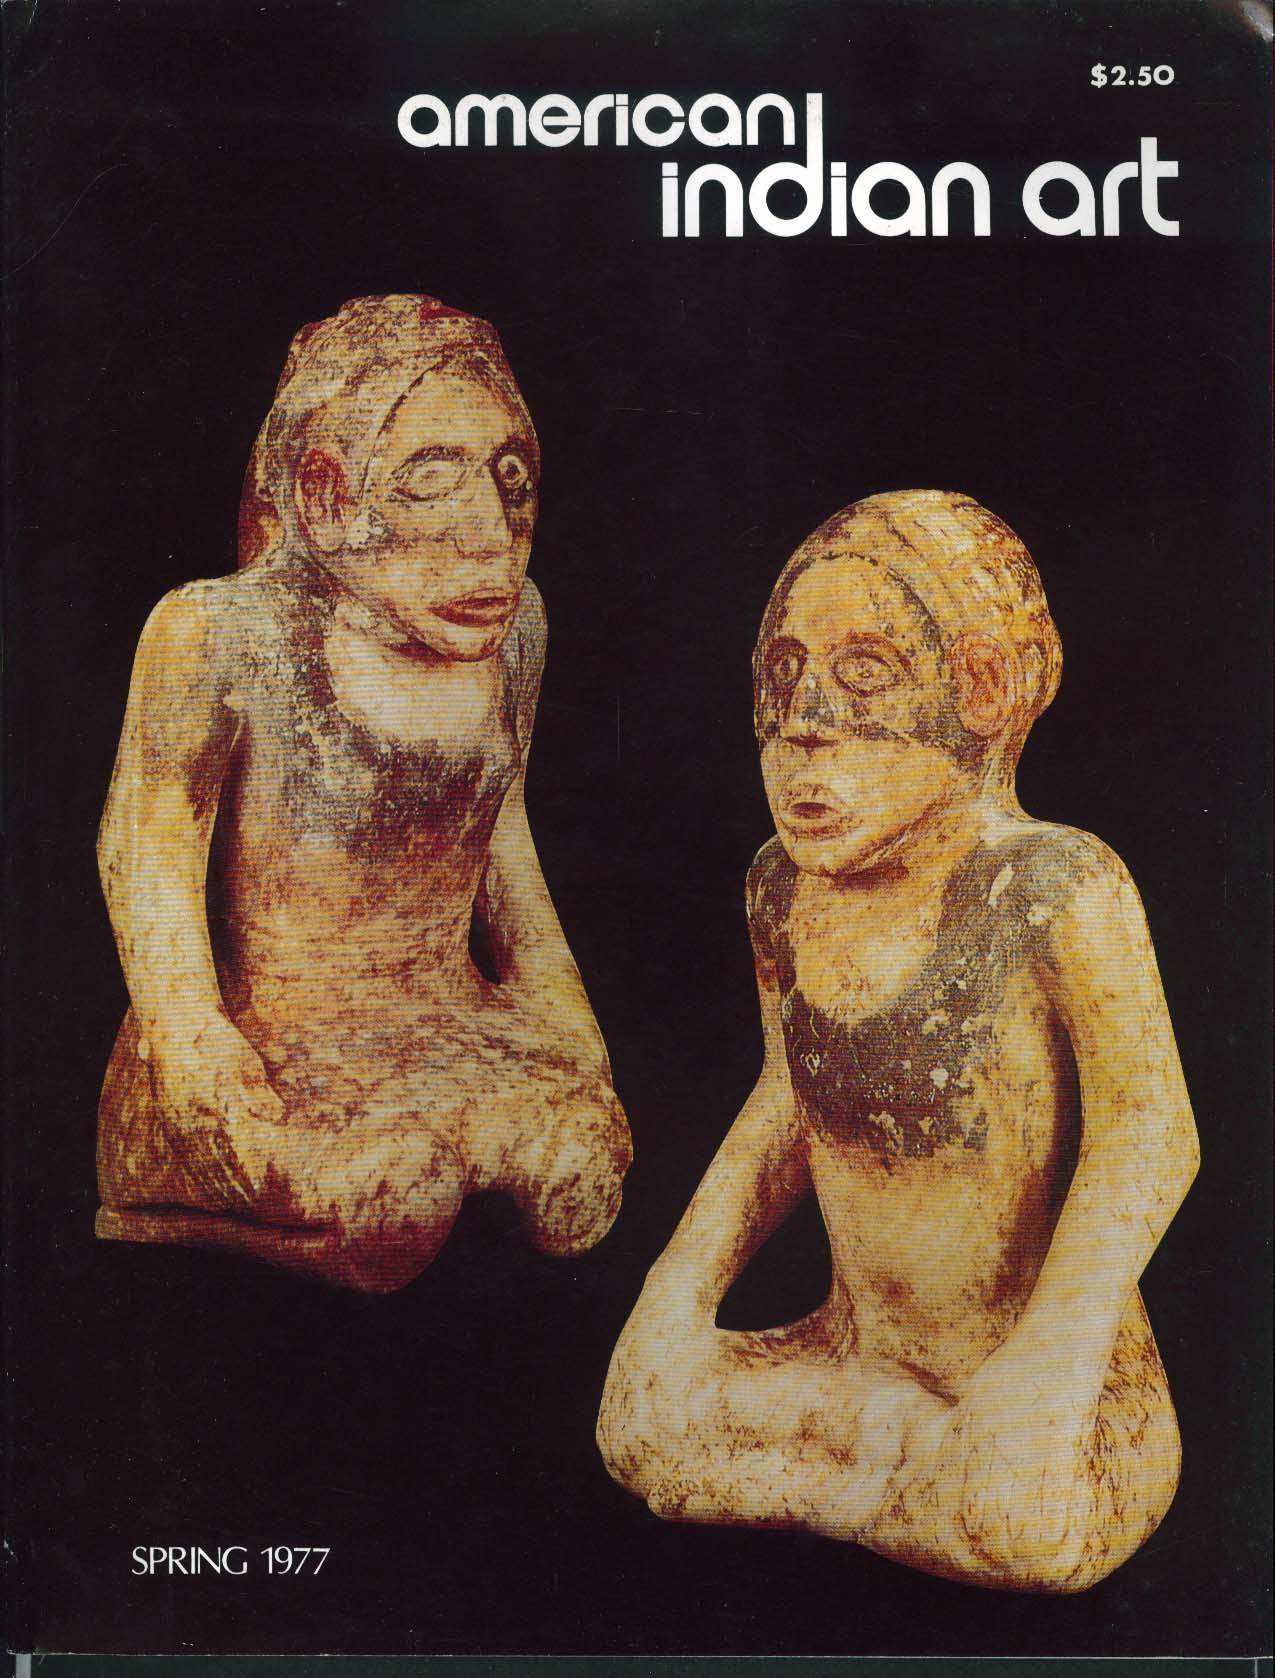 AMERICAN INDIAN ART Navajo Silver Bridles Paladin Indianapolis Spring 1977